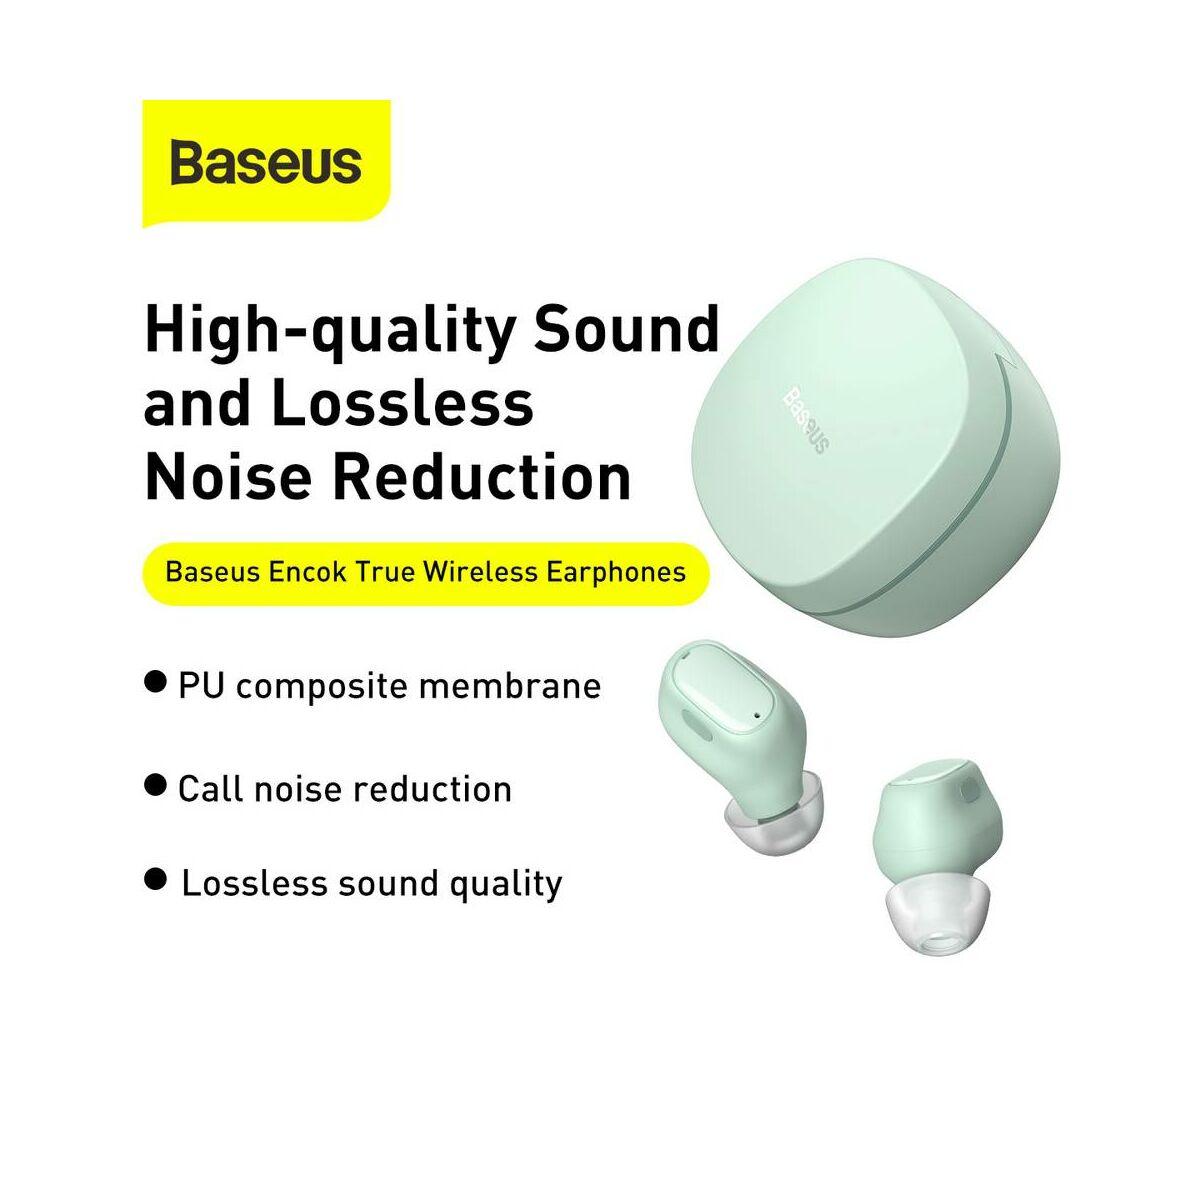 Baseus fülhallgató, Bluetooth Encok WM01 True Wireless, vezeték nélküli, BT 5.0, zöld (NGWM01-06)